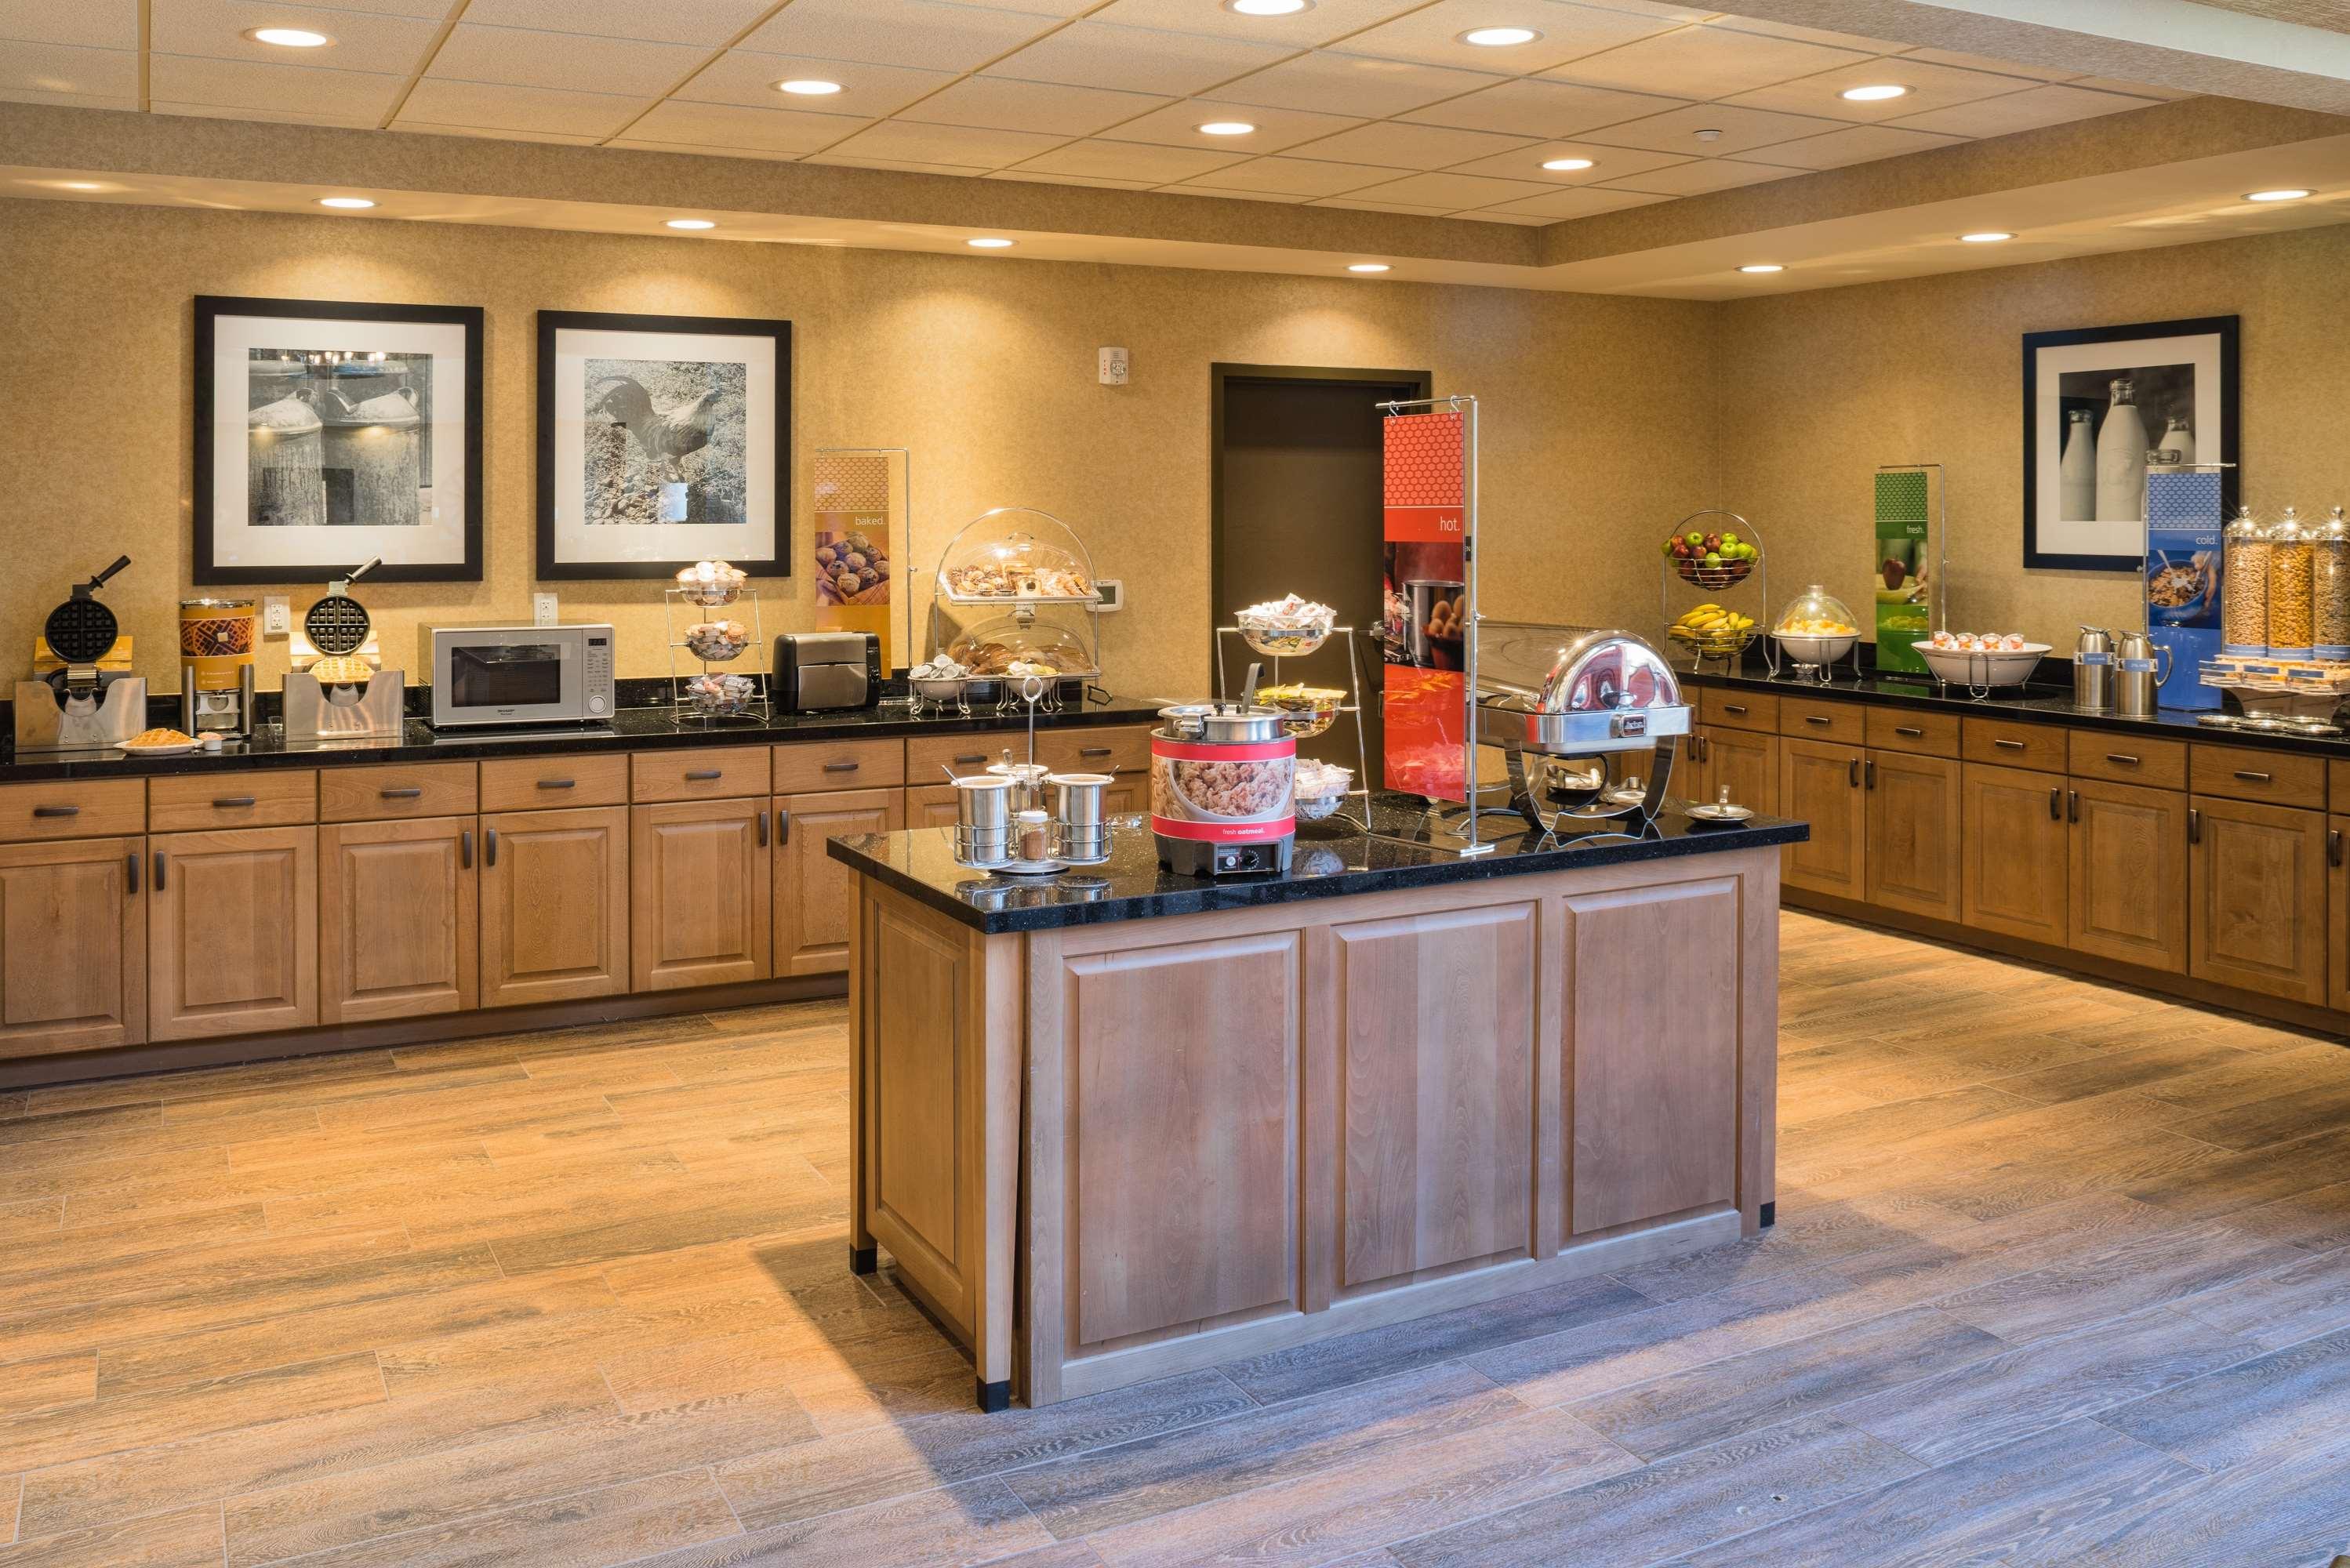 Hampton Inn & Suites Springdale/Zion National Park image 11